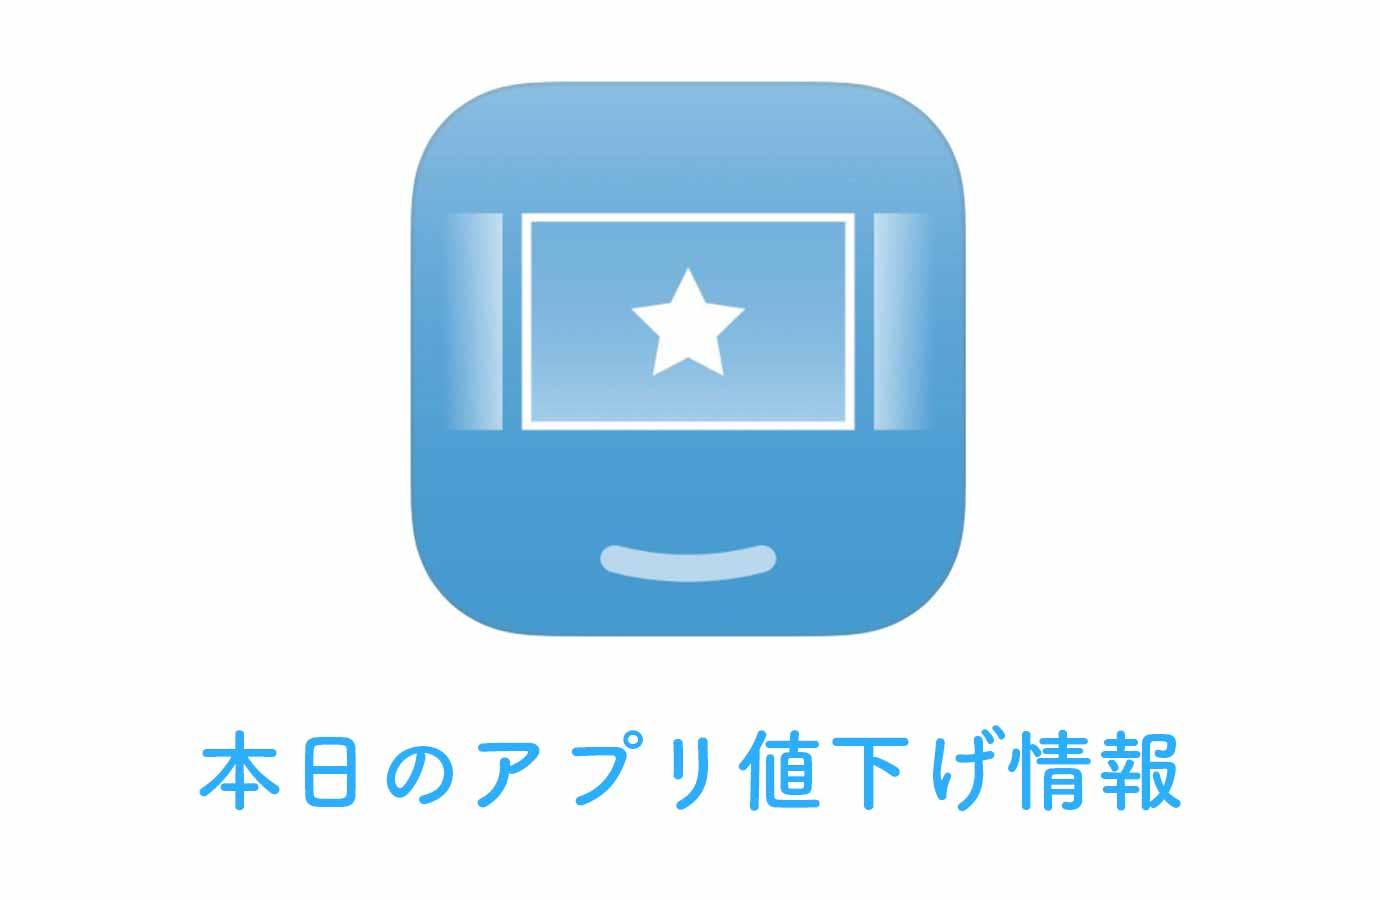 120円→無料!通知センターに写真を貼付けられる「写真ウィジェット」など【6/30版】アプリ値下げ情報